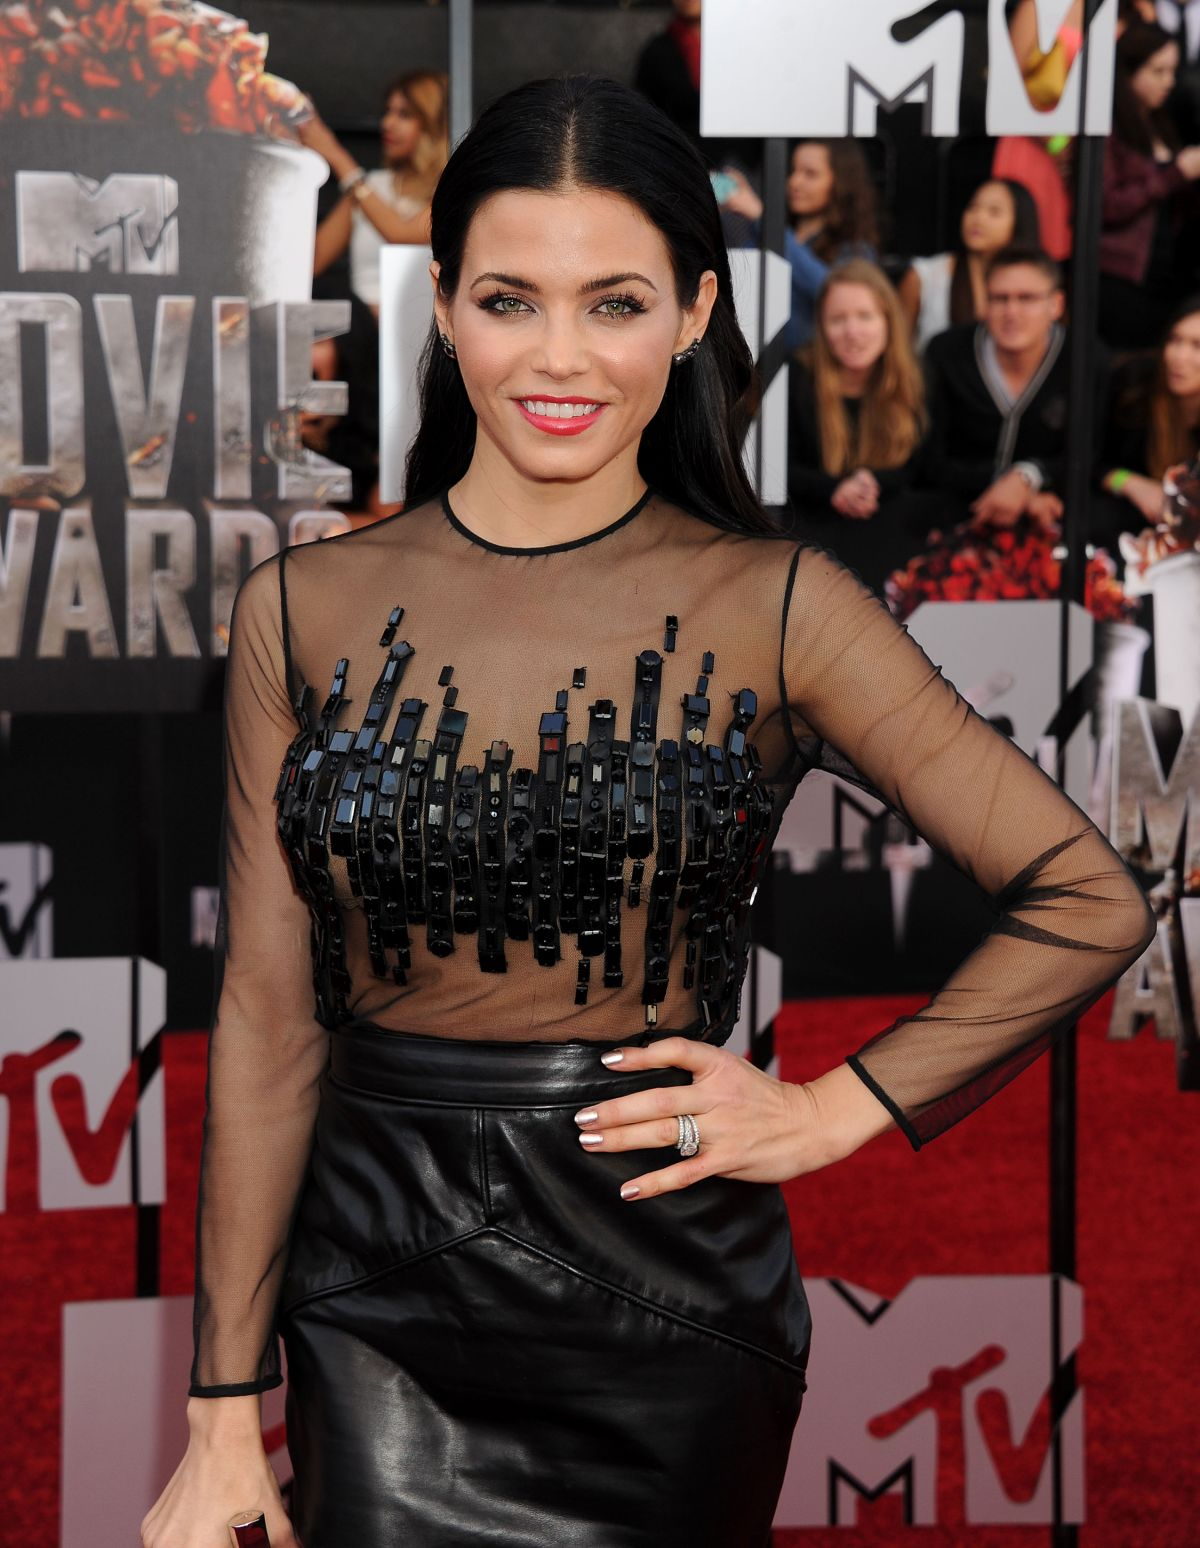 JENNA DEWAN at MTV Movie Awards 2014 in Los Angeles